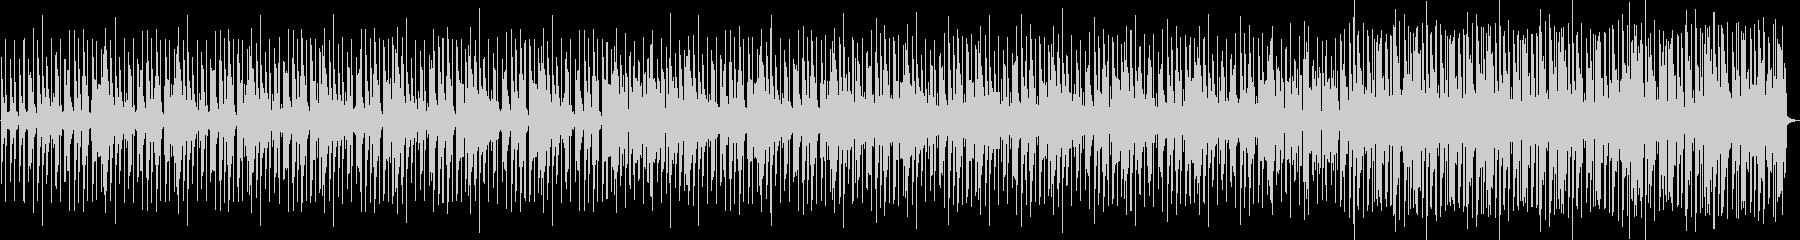 クールな雰囲気のエレクトロニックファンクの未再生の波形